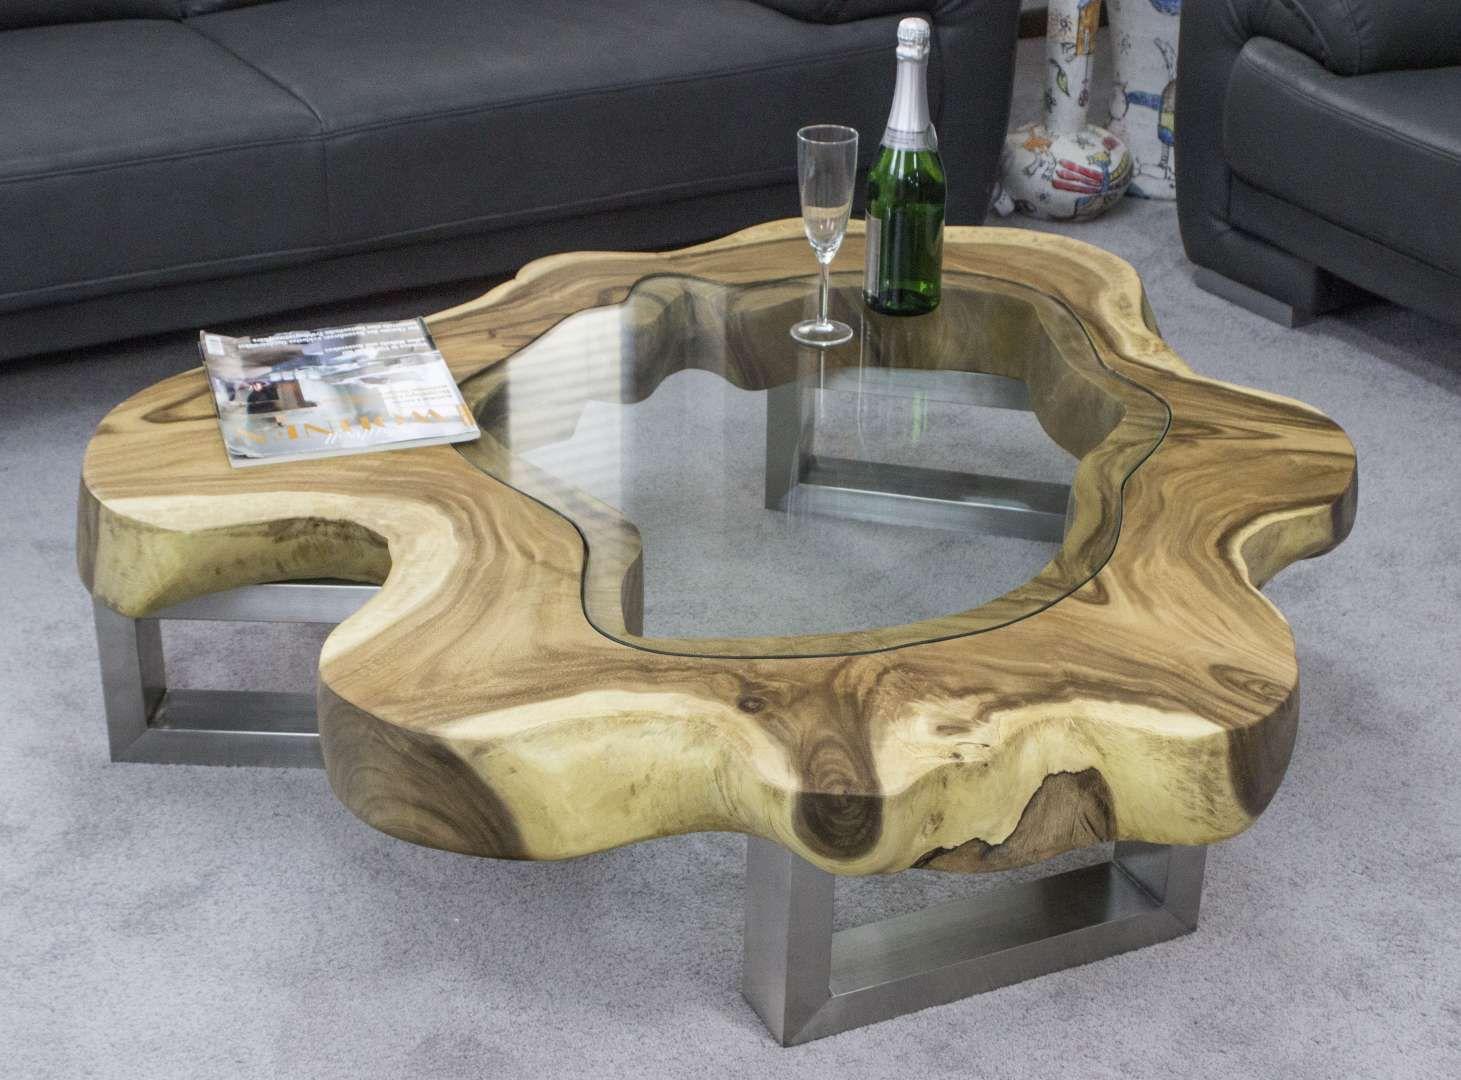 Designer Couchtisch Baumscheibe Mit Glas Der Tischonkel Couchtisch Baumscheibe Holztisch Design Couchtisch